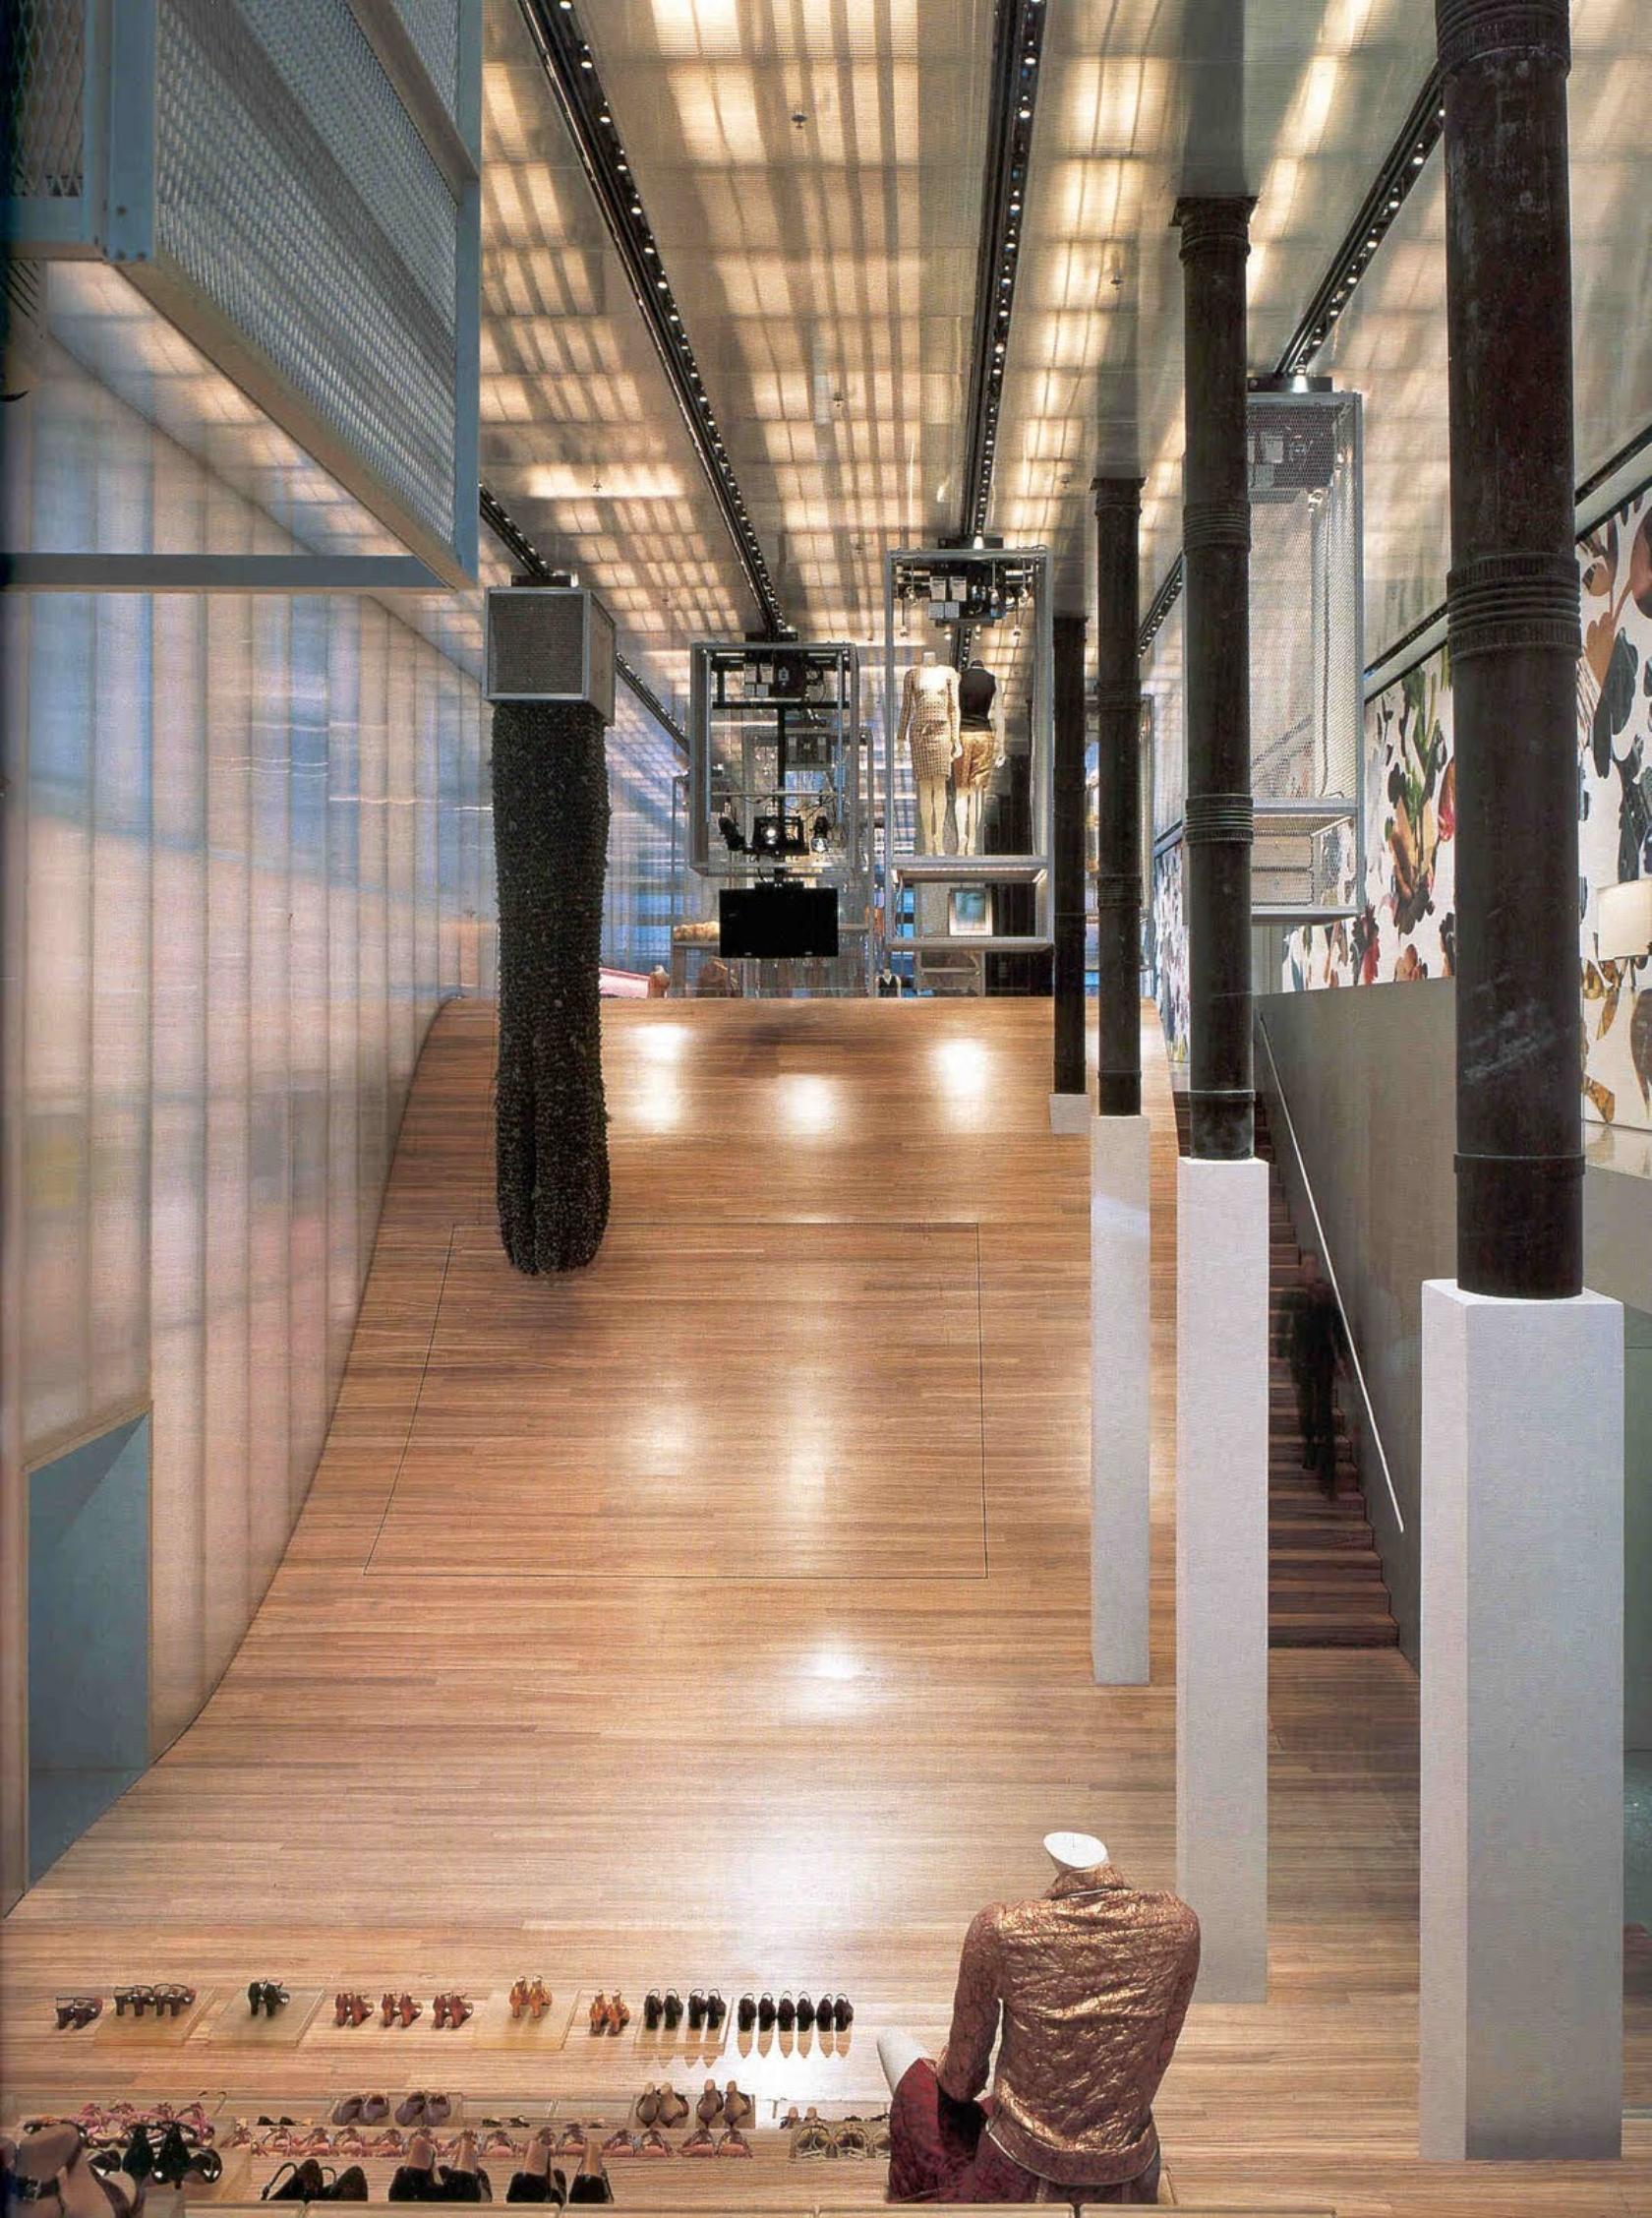 Architettura contemporanea e moda prada e oma for New york architettura contemporanea